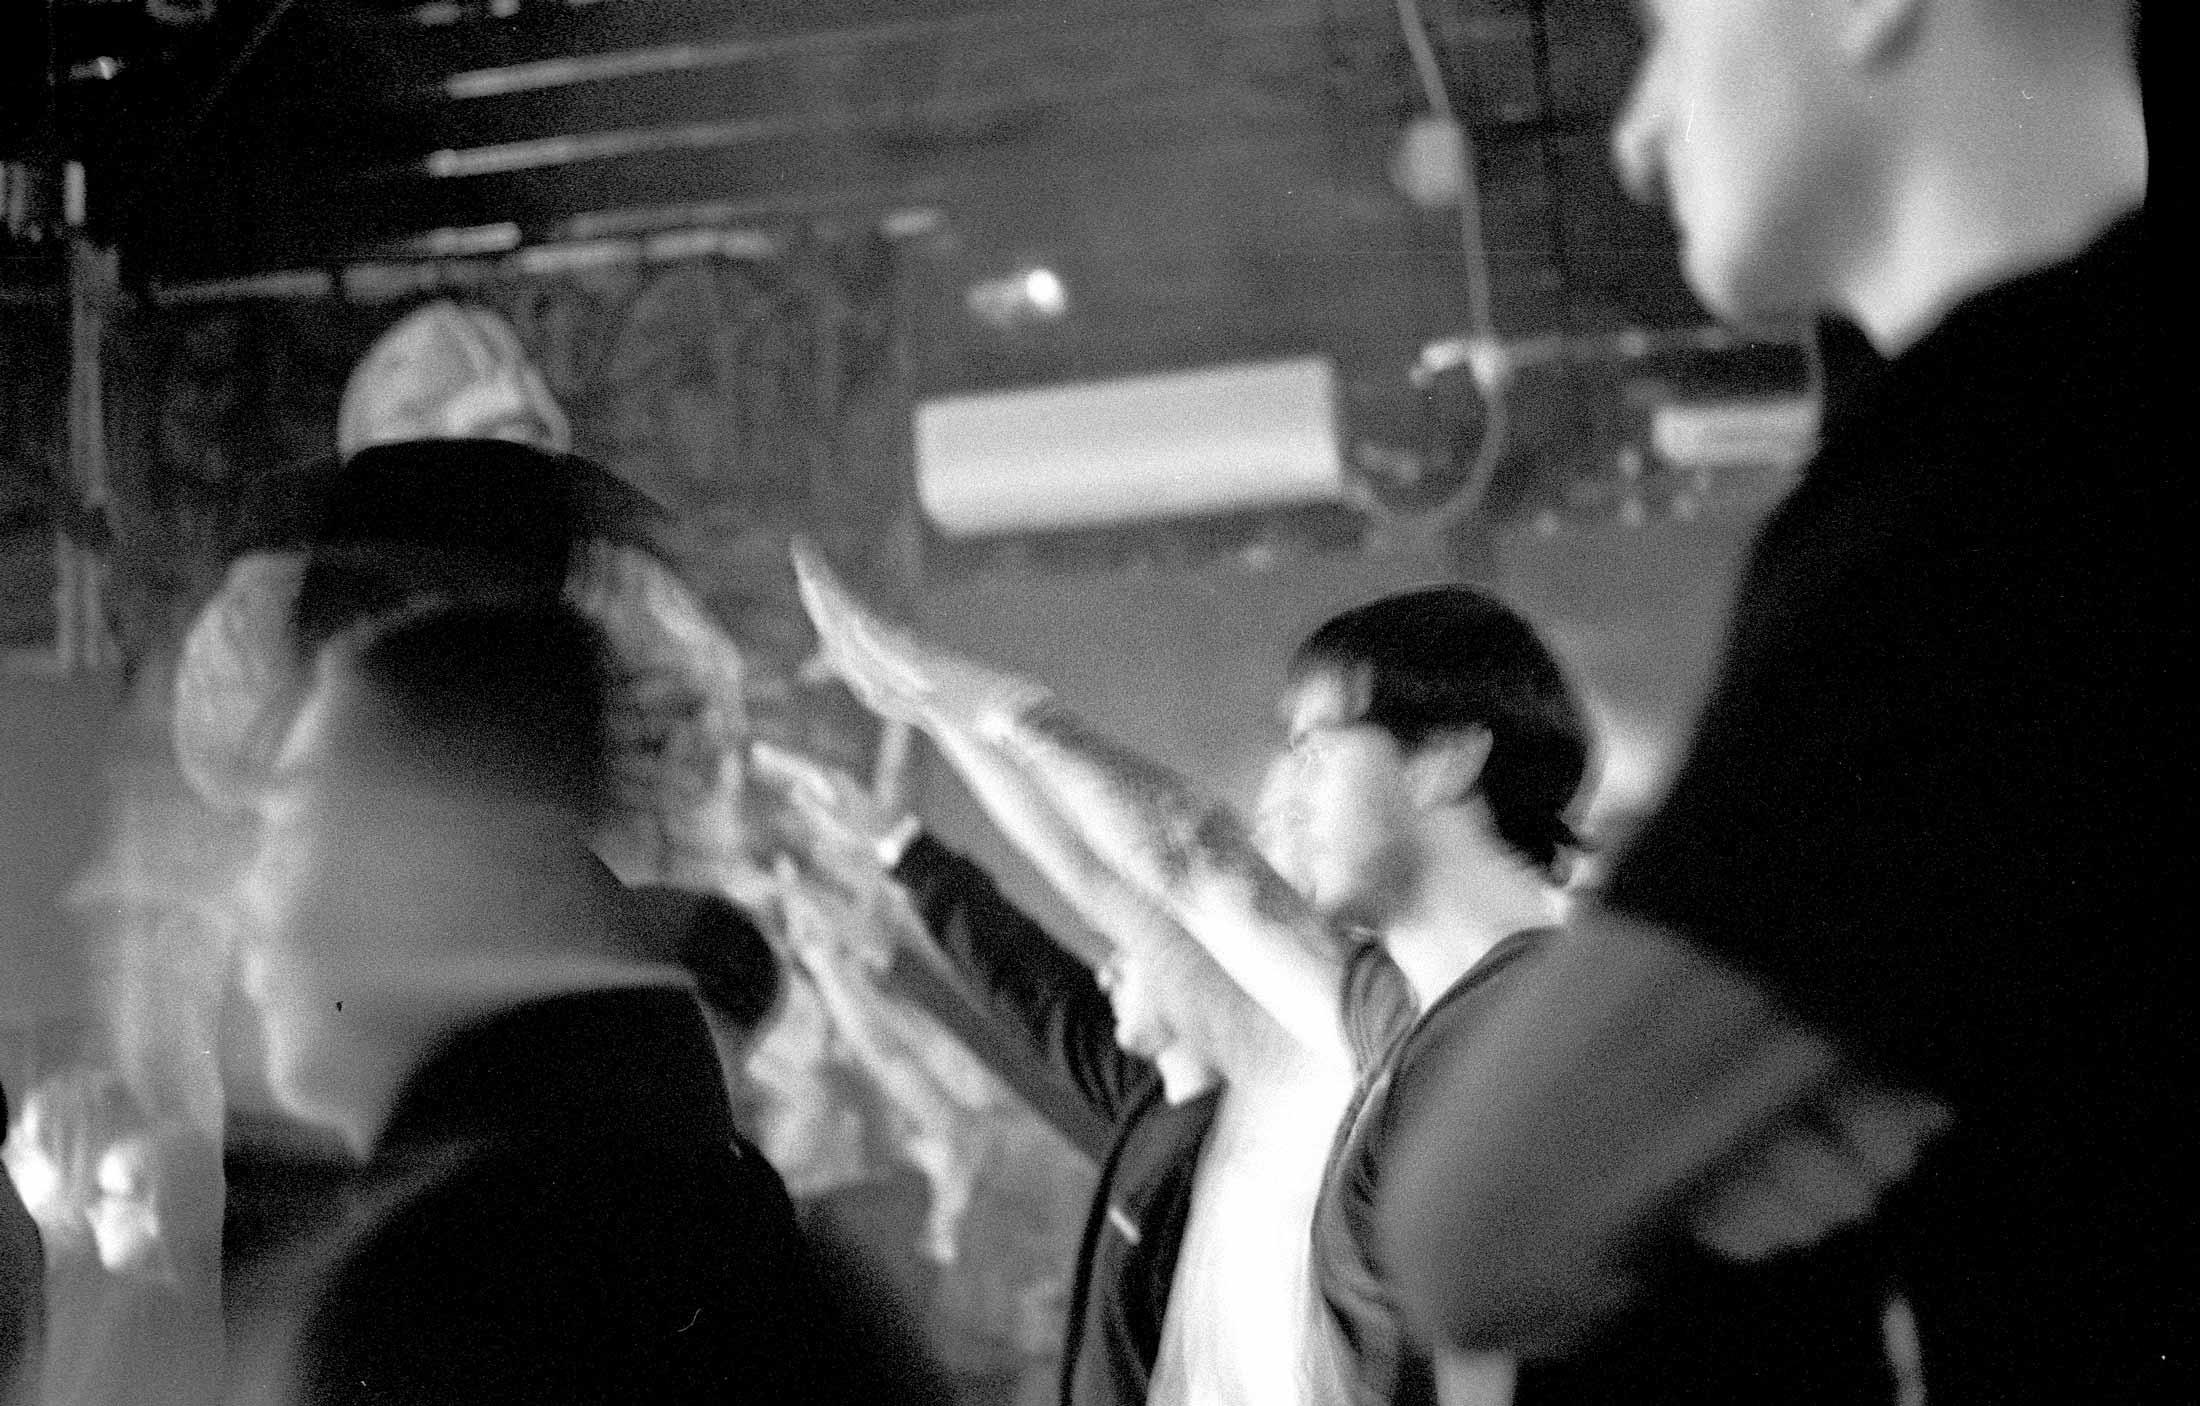 2020 12 15 0012 web - <b>«Молот Гітлера» в колишньому гей-клубі.</b> Фоторепортаж Заборони з поясненням, чому це важливо - Заборона